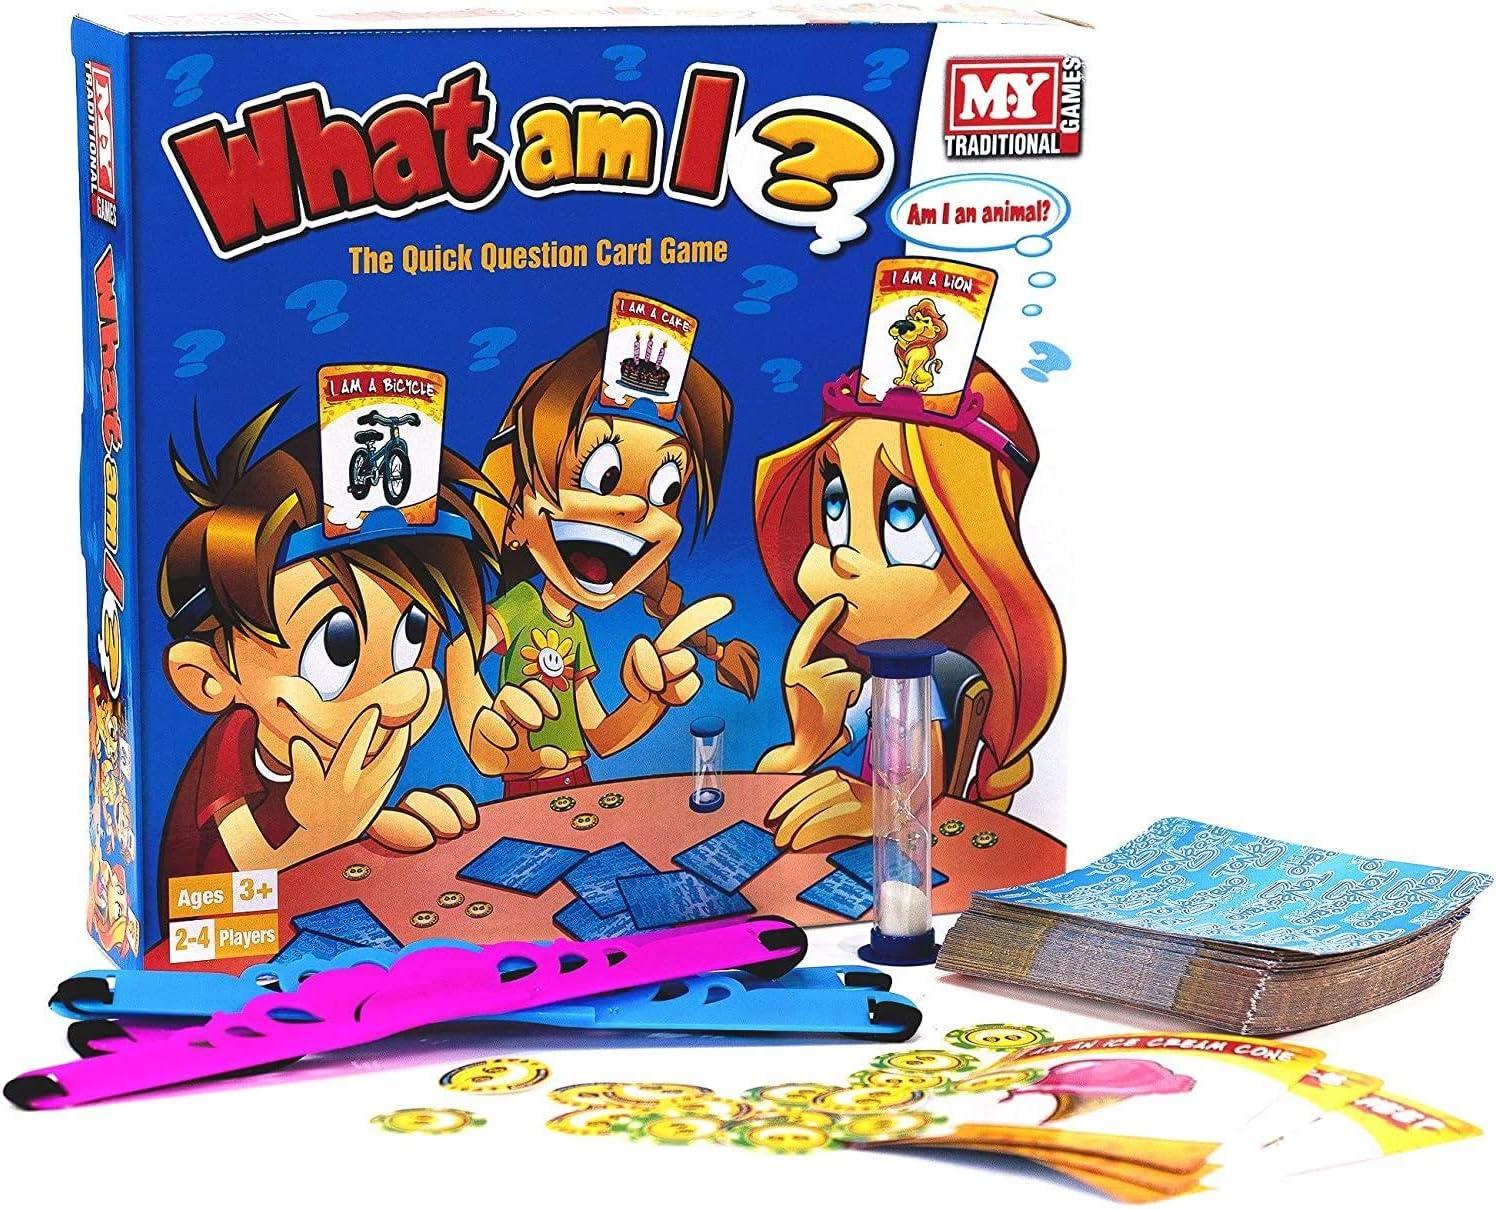 M.y Lo Am I juego: Amazon.es: Juguetes y juegos